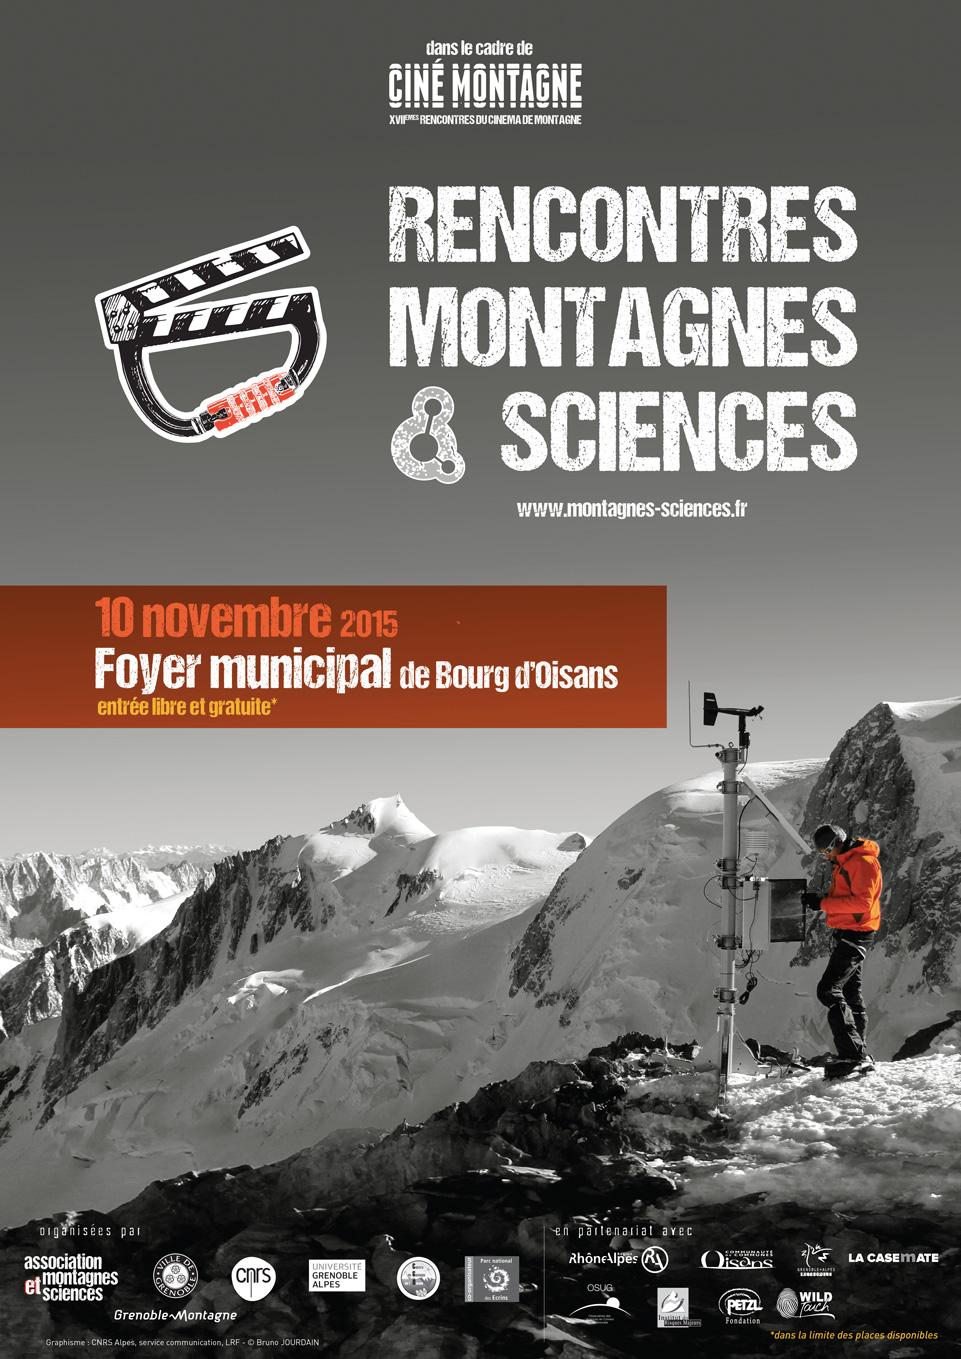 rencontres cinema montagne gap oulfa.fr site de rencontre